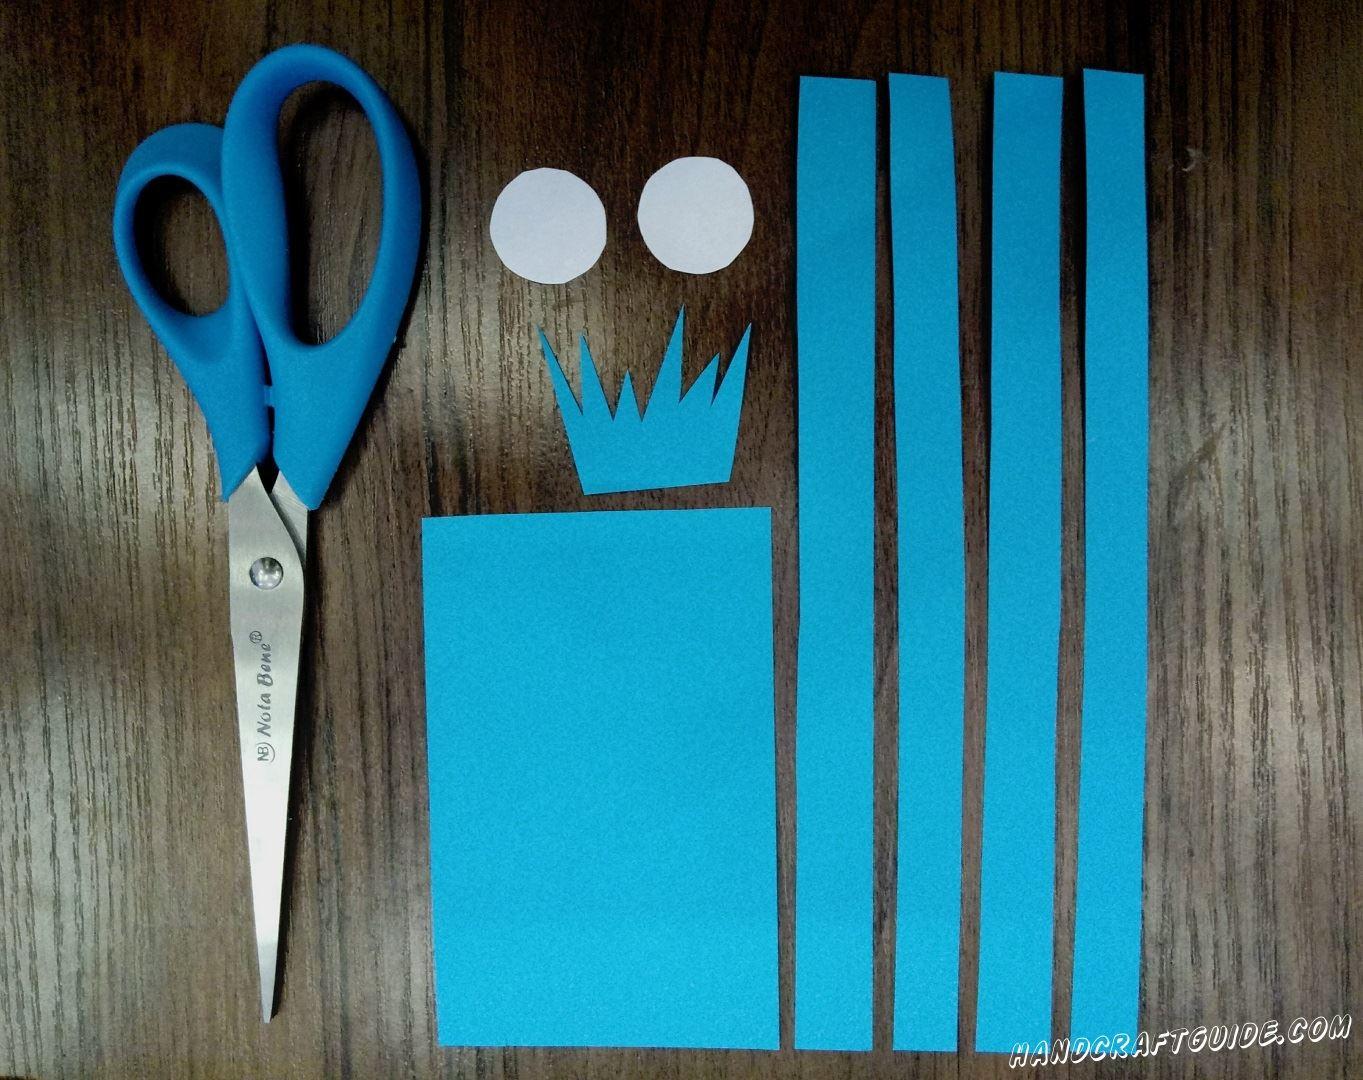 Давайте возьмем лист голубой бумаги и ножницы. Вырезаем 1 прямоугольник, 4 длинные полоски и одну детальку, похожую на прическу из японских аниме:) Напоследок вырезаем 2 белых кружка. Подготовка окончена, переходим дальше